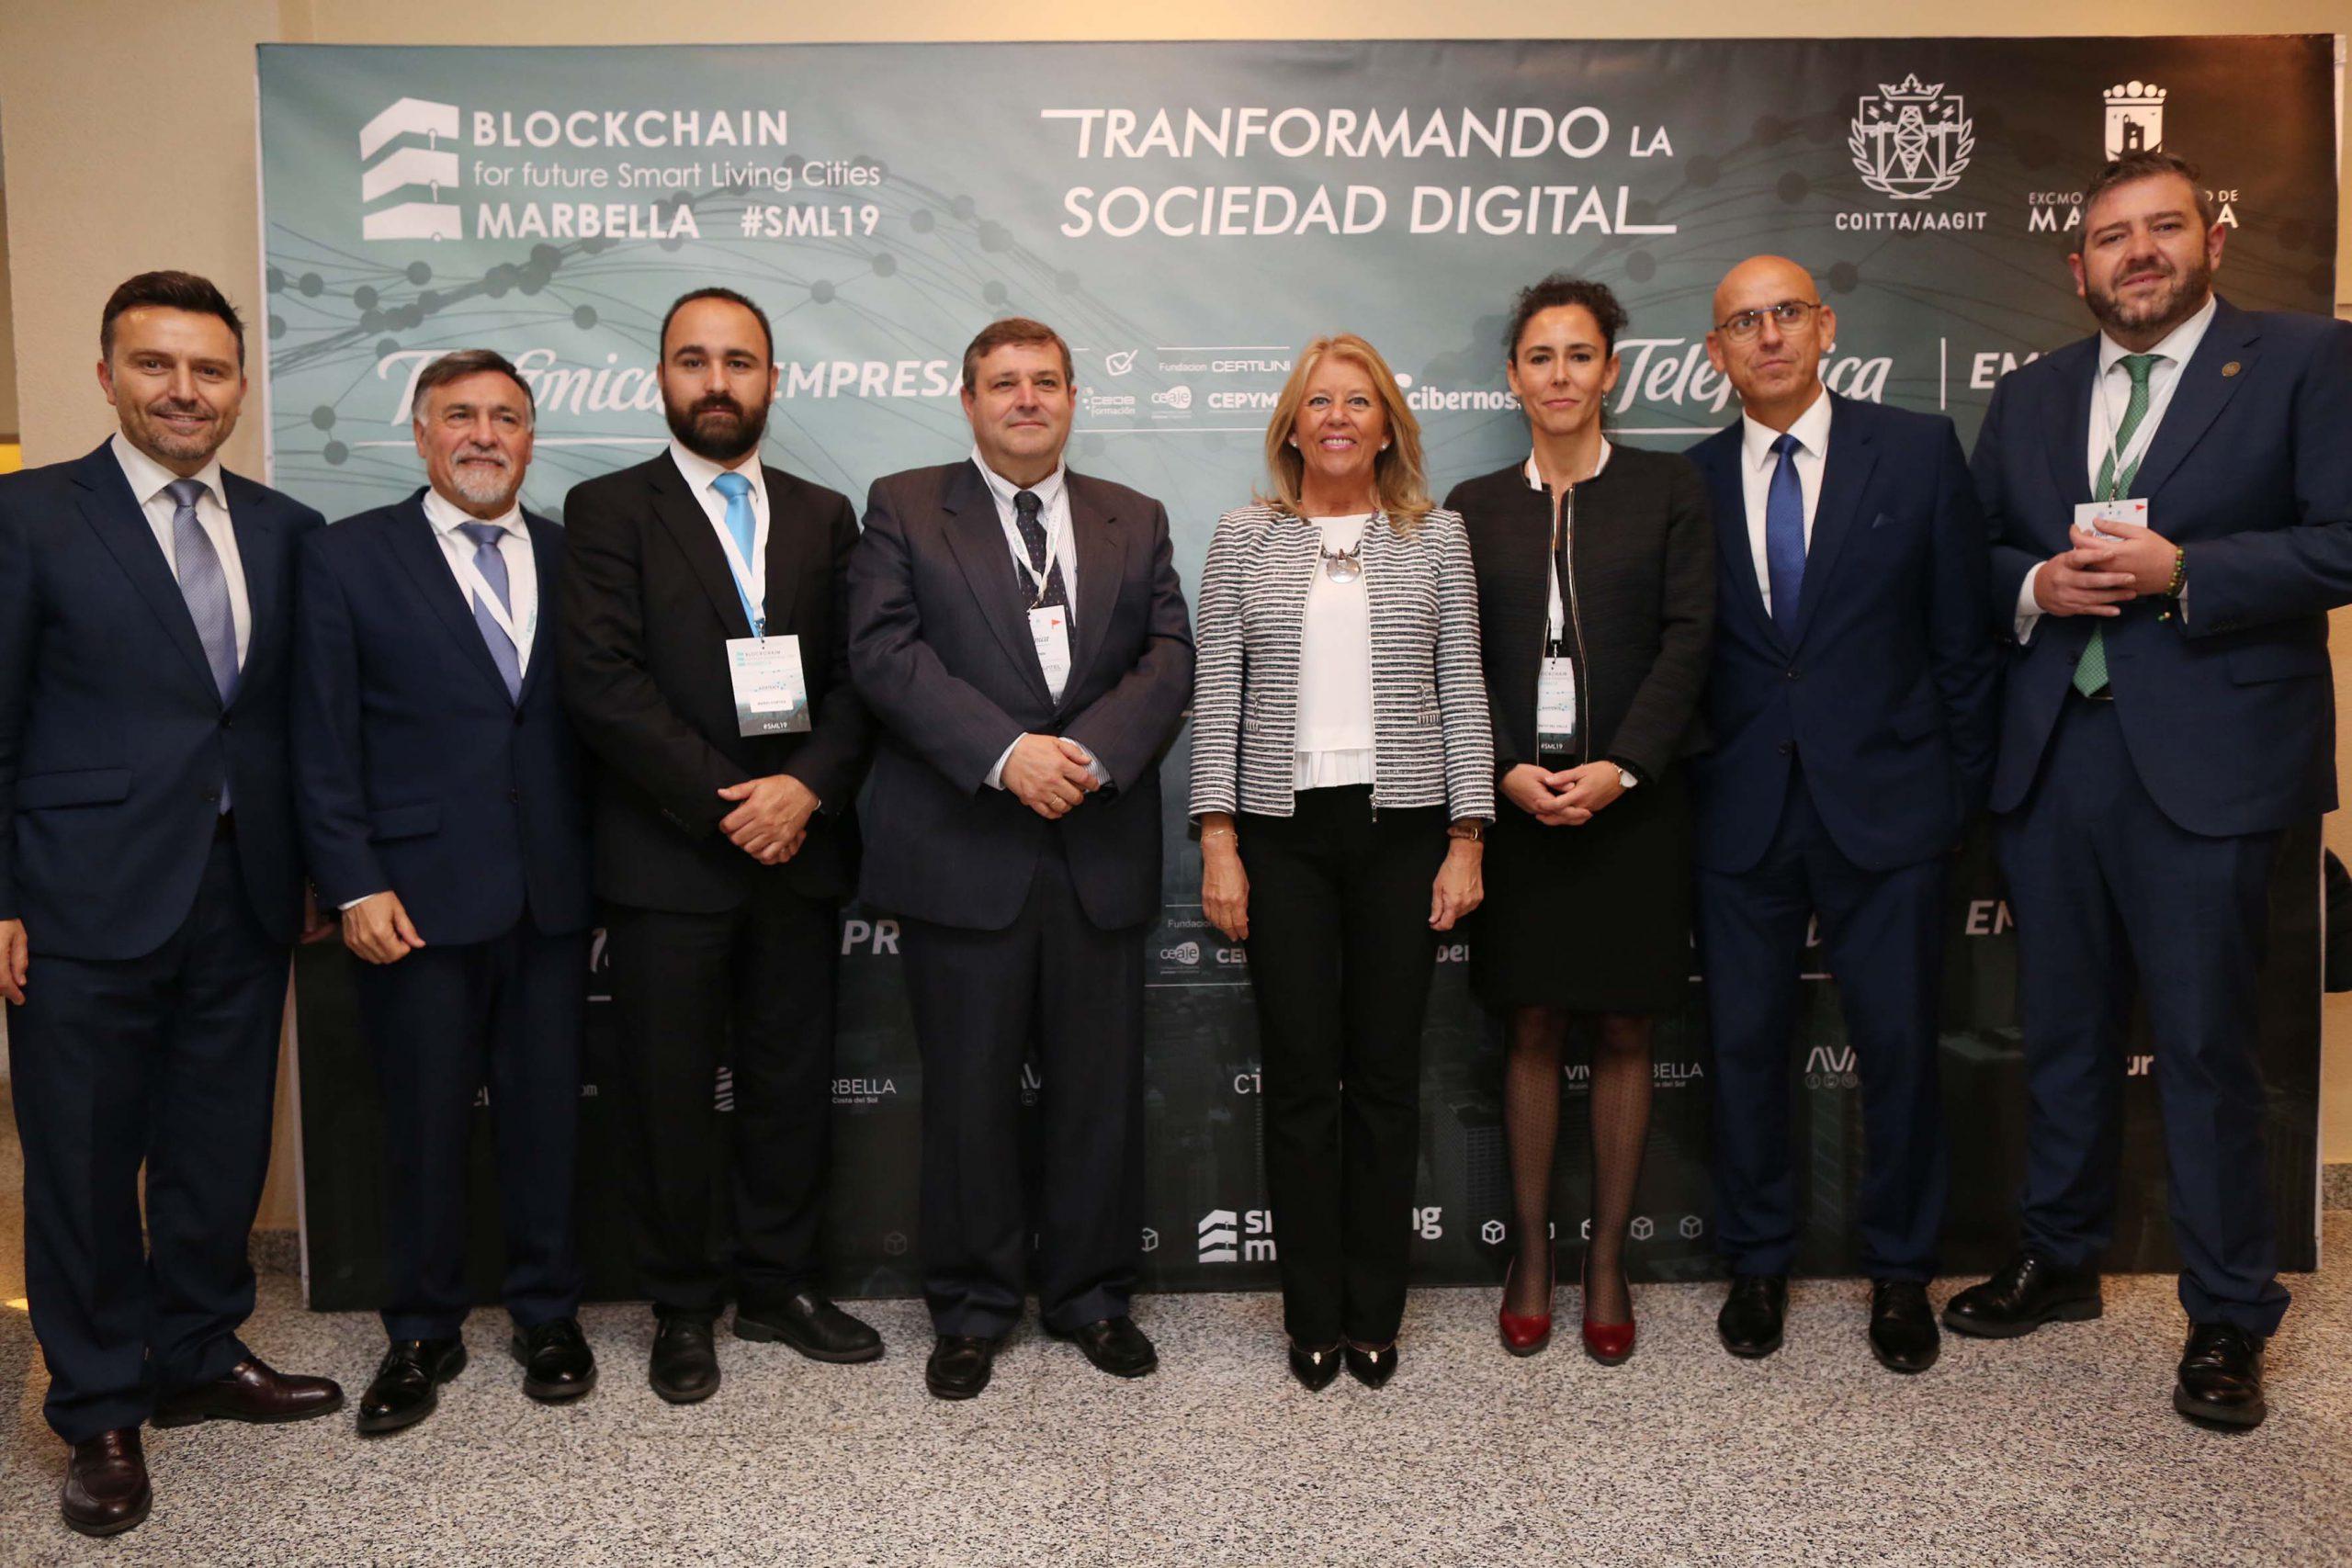 El X Congreso Smart Living Marbella aborda las posibilidades del blockchain en el sector público